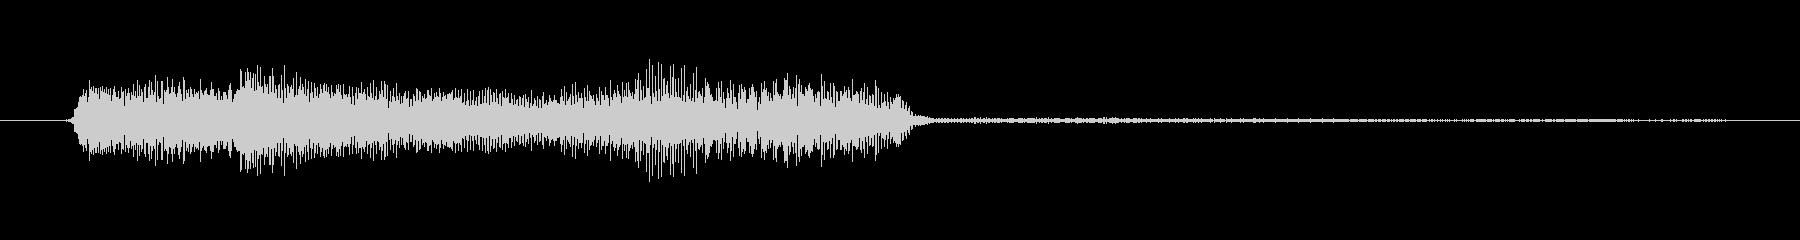 ゲーム、クイズ(ピンポン音)_009の未再生の波形